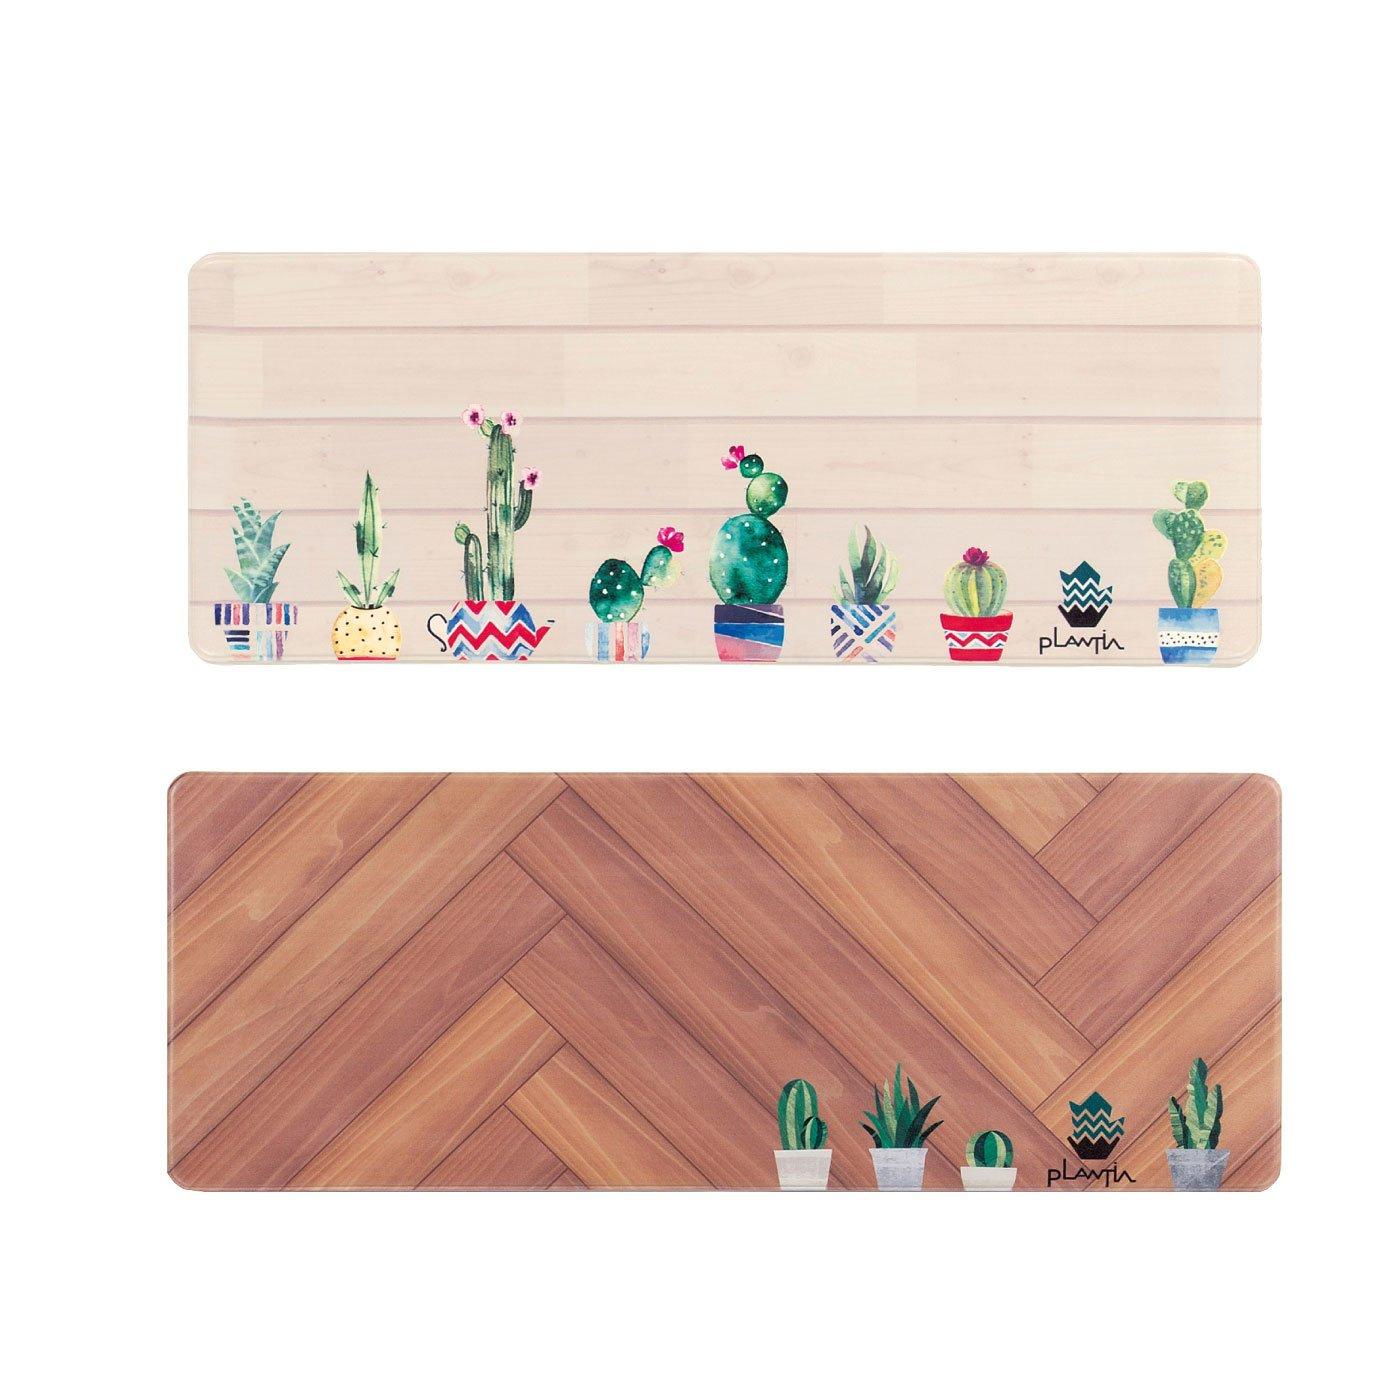 緑を感じるキッチン PLANTIA ロングマット(120cm)